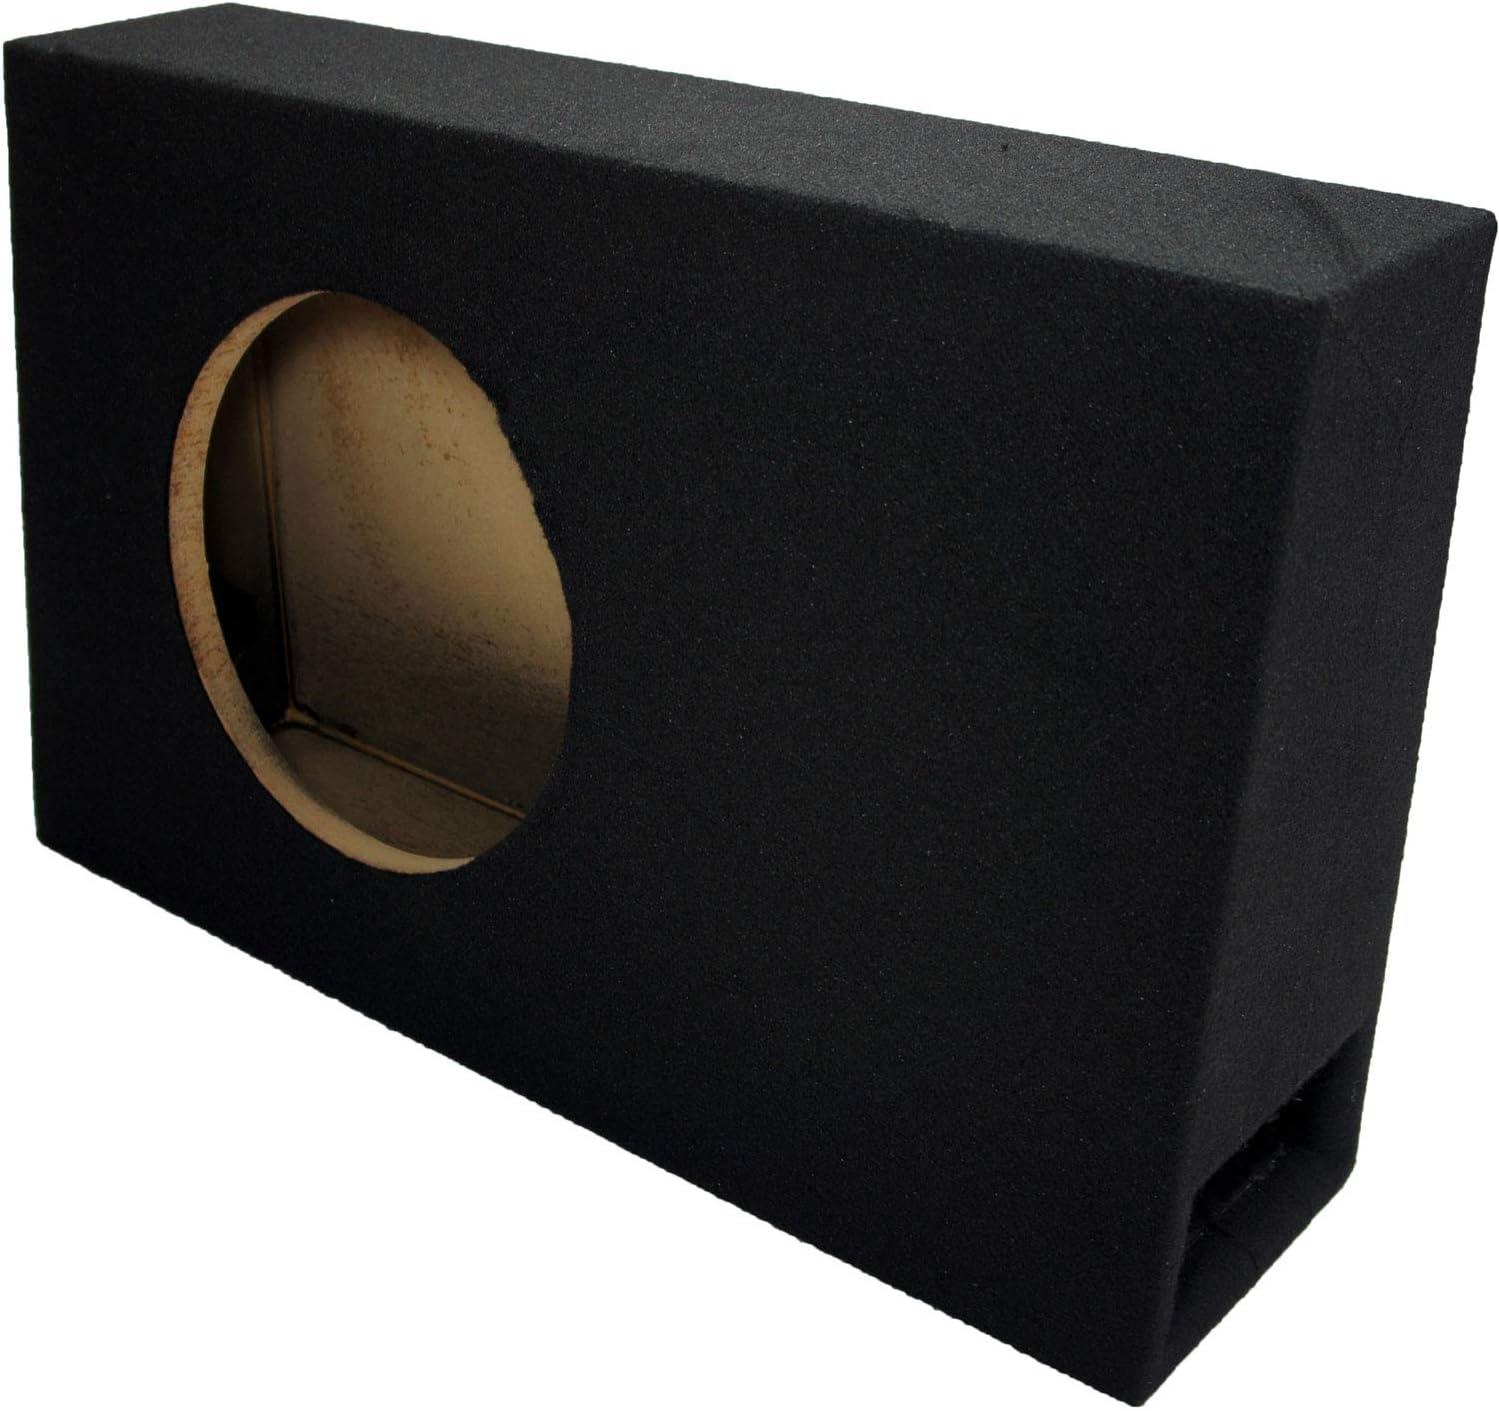 ASC - Caja de Altavoz para subwoofer Universal estándar de 10 Pulgadas: Amazon.es: Electrónica